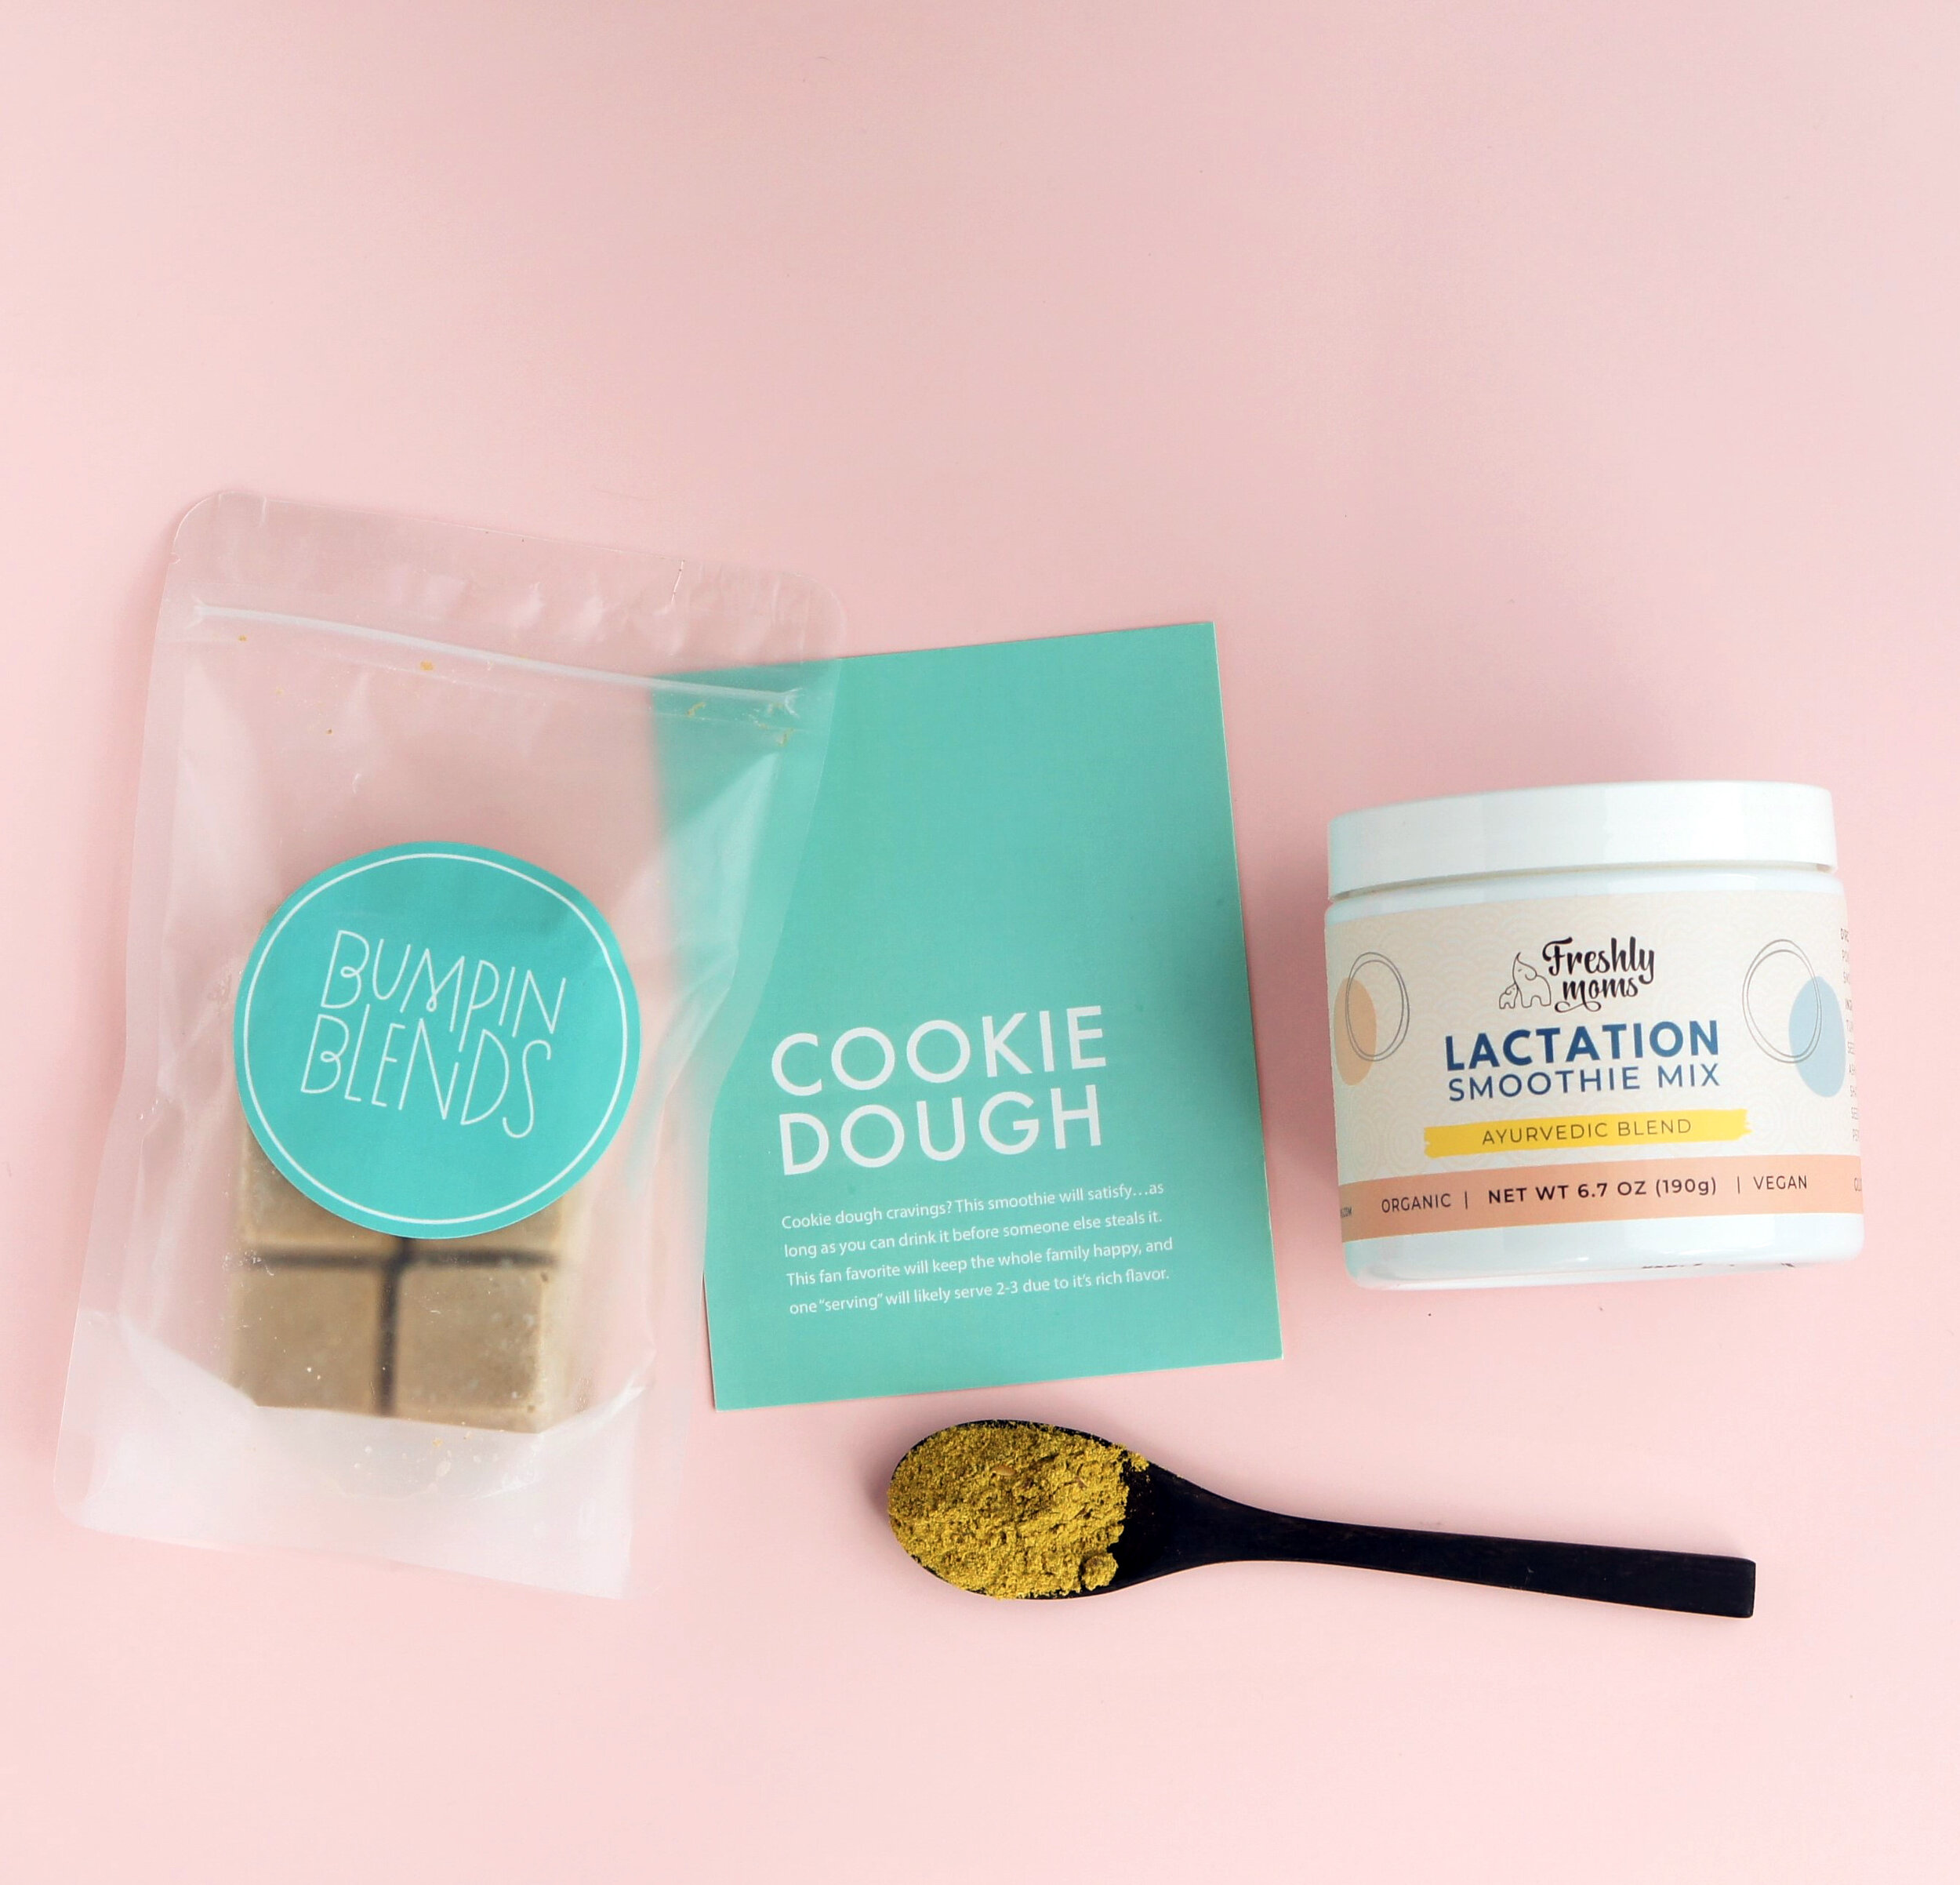 bumpin-blends-cookie-dough-smoothie-bowl-lactation